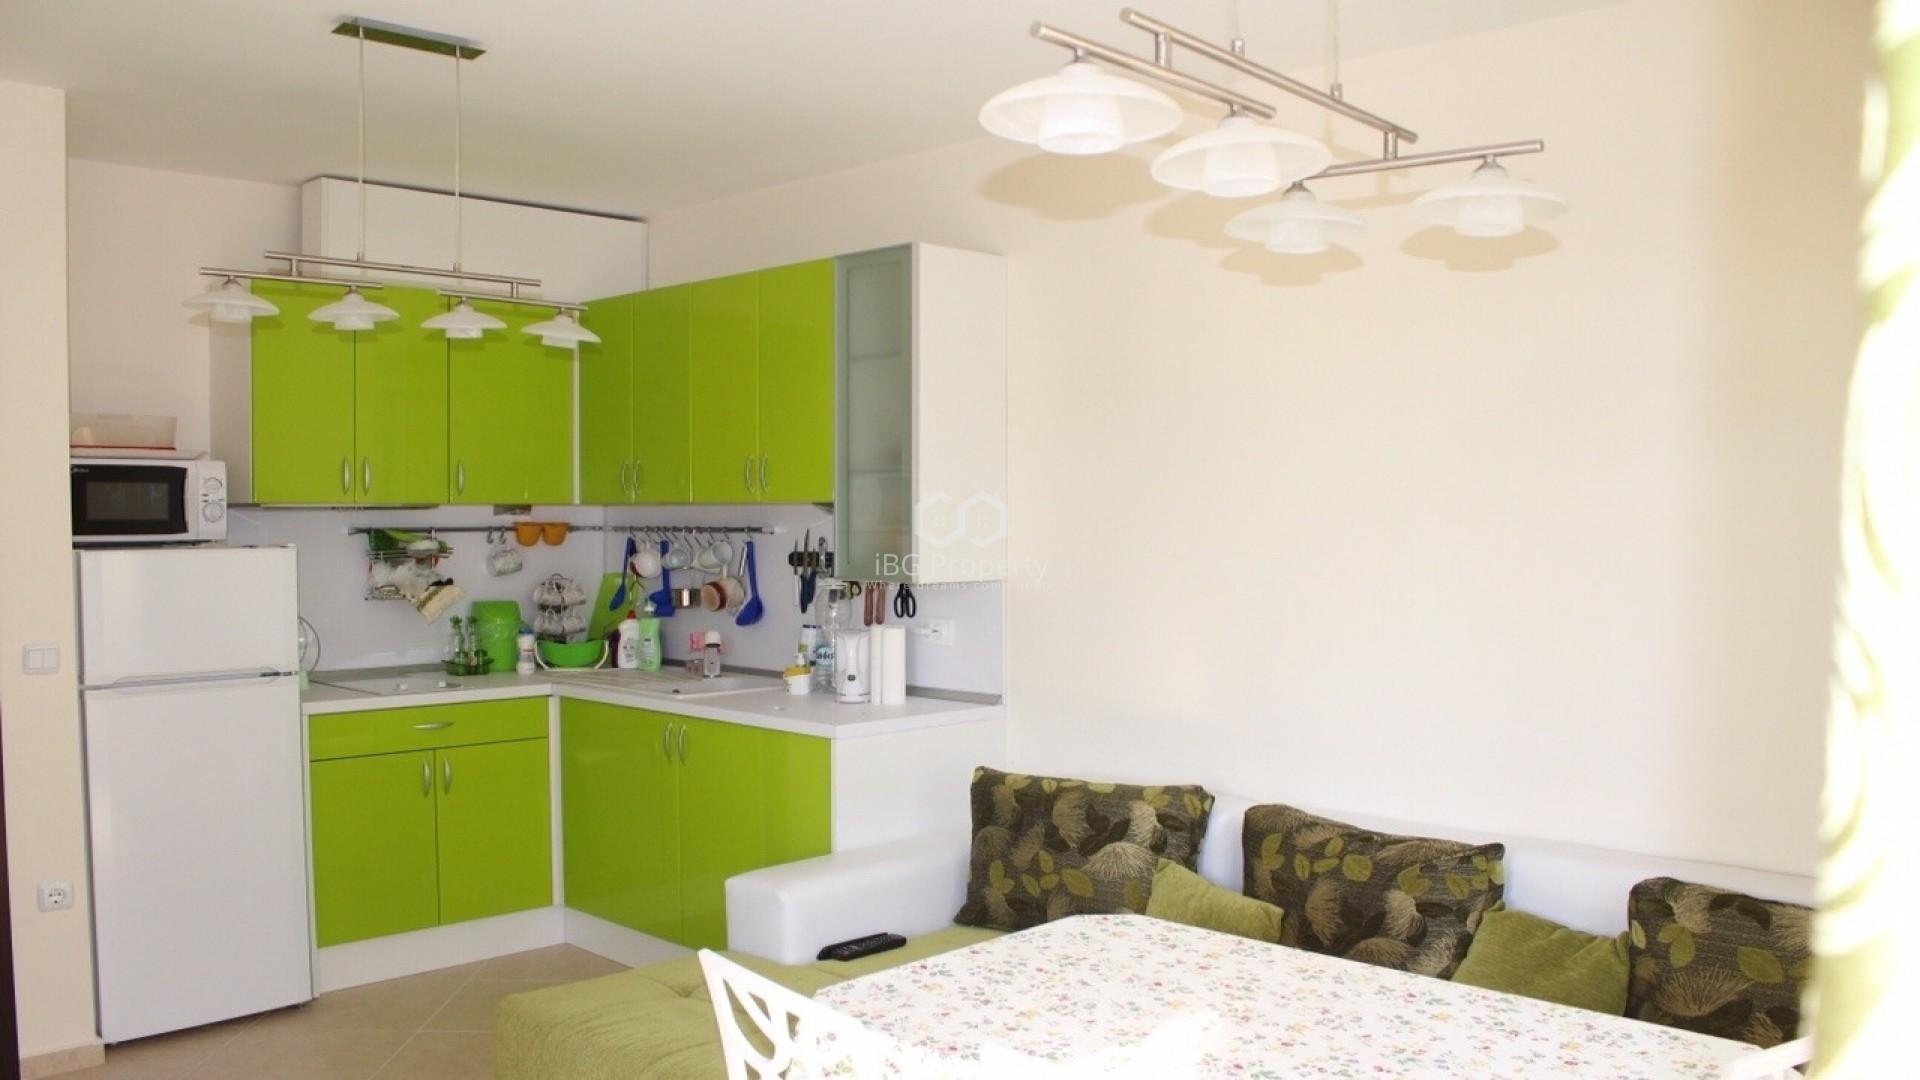 Dreizimmerwohnung in Sonnenstrand 70 m2